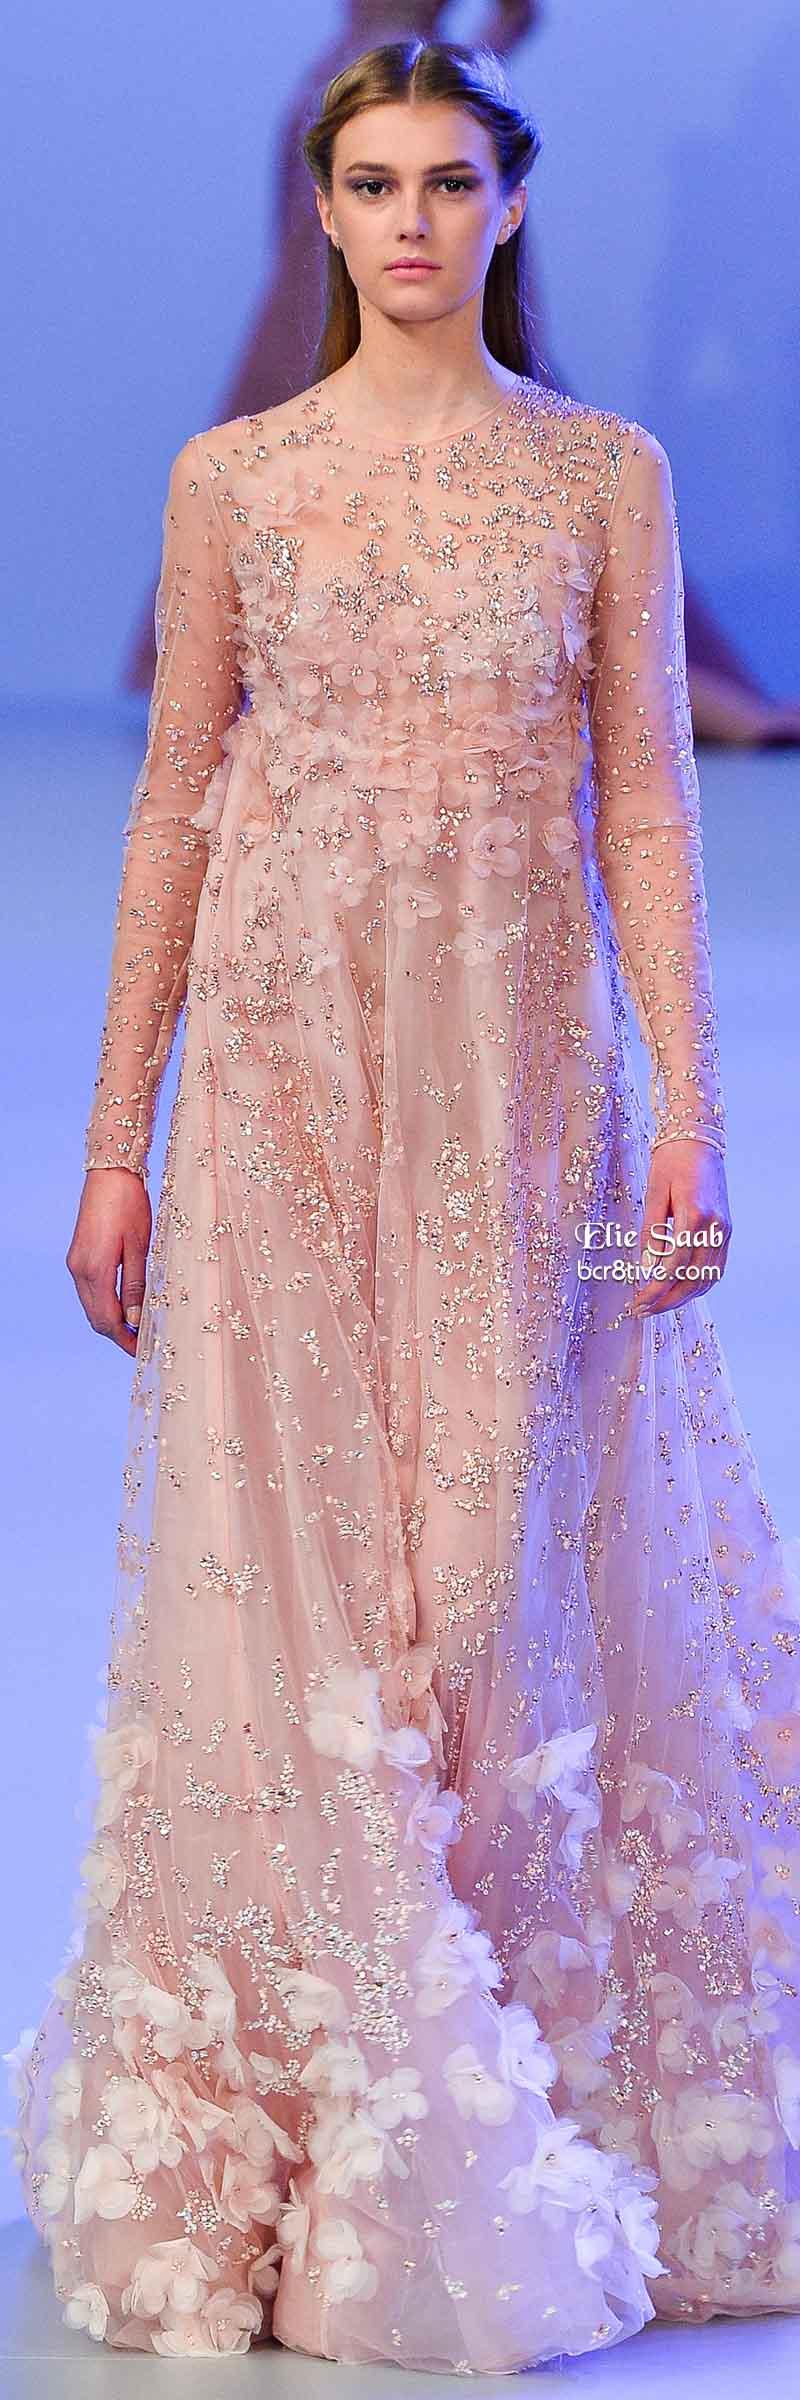 Elie Saab Spring 2014 Couture Collection | Vestido rosado, Rosas y ...